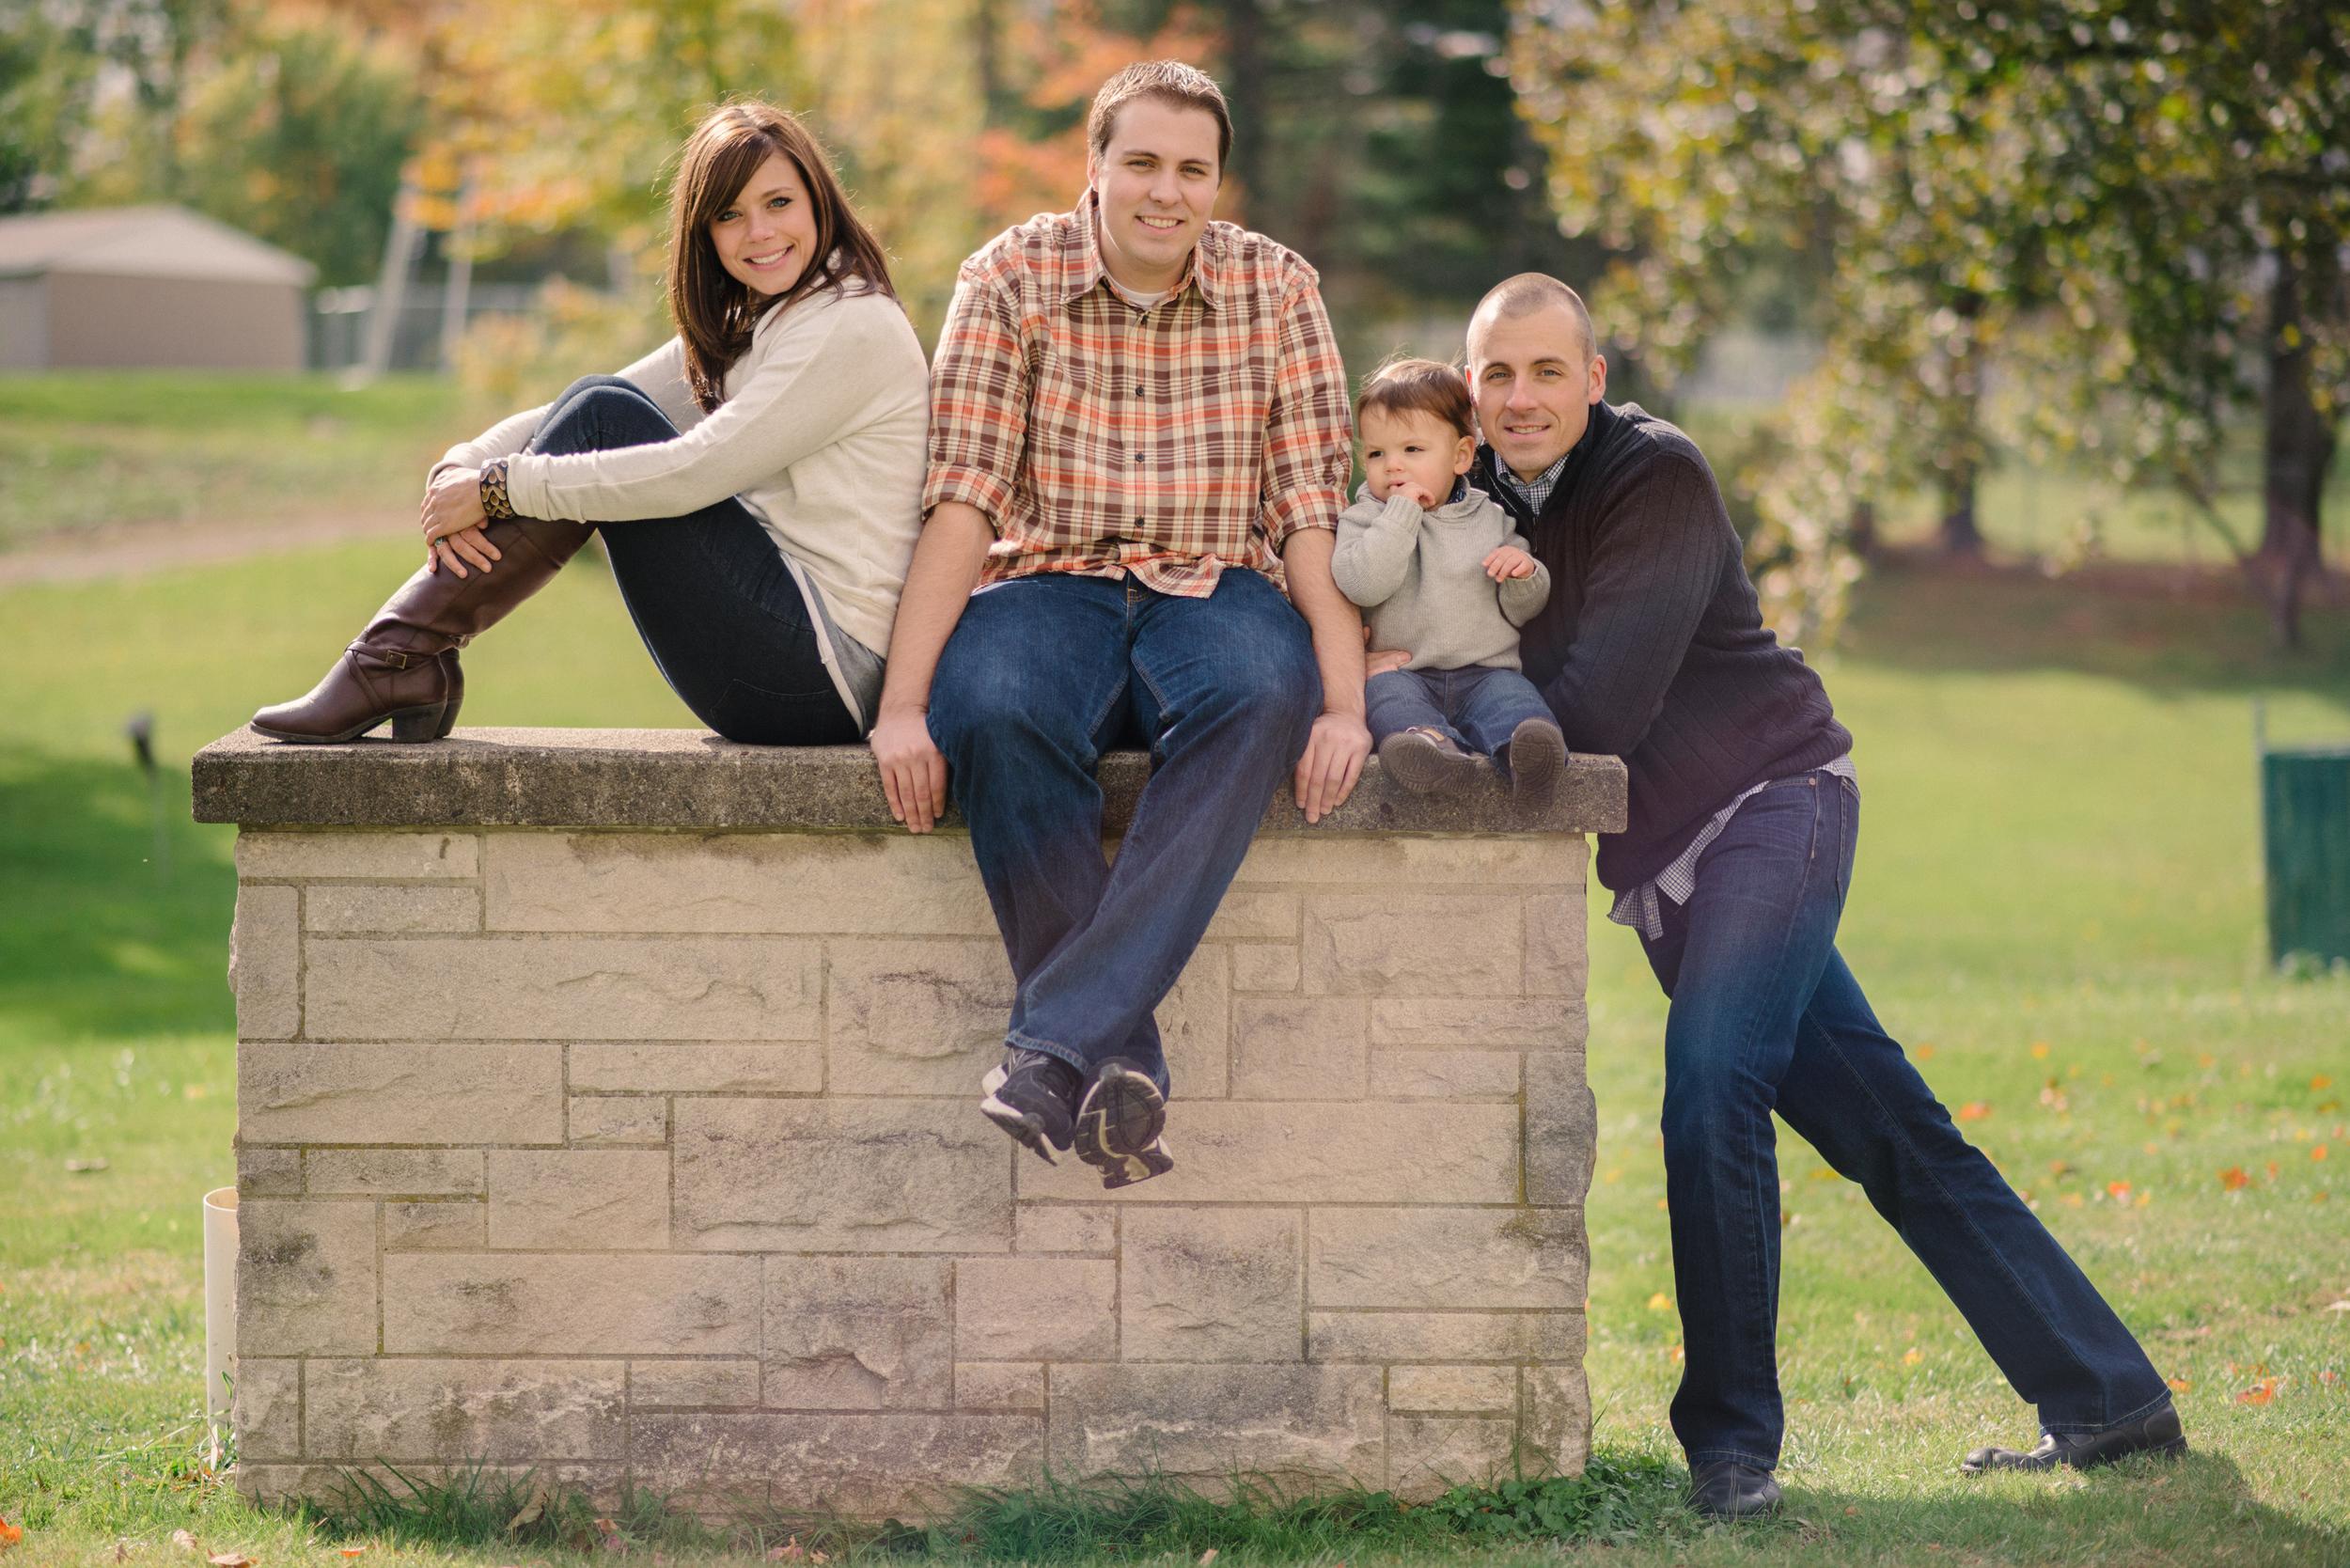 Matt_Swetel_Photography_Steck_Family_Blog011.jpg